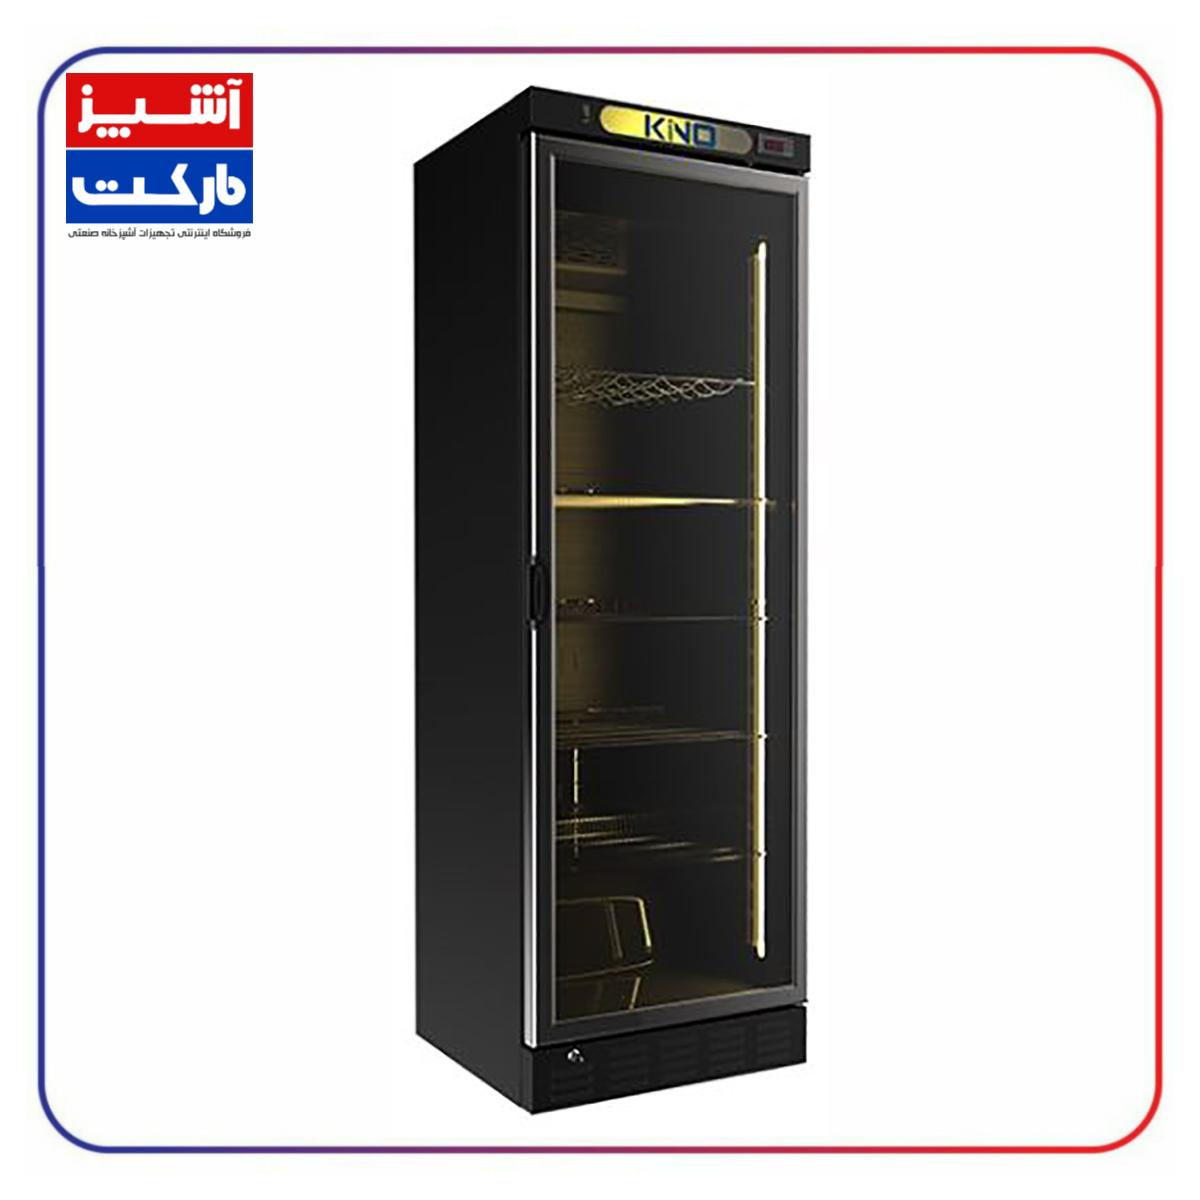 یخچال فروشگاهی کینو کافی شاپی 60 سانت KINO KR 615 WL-1D